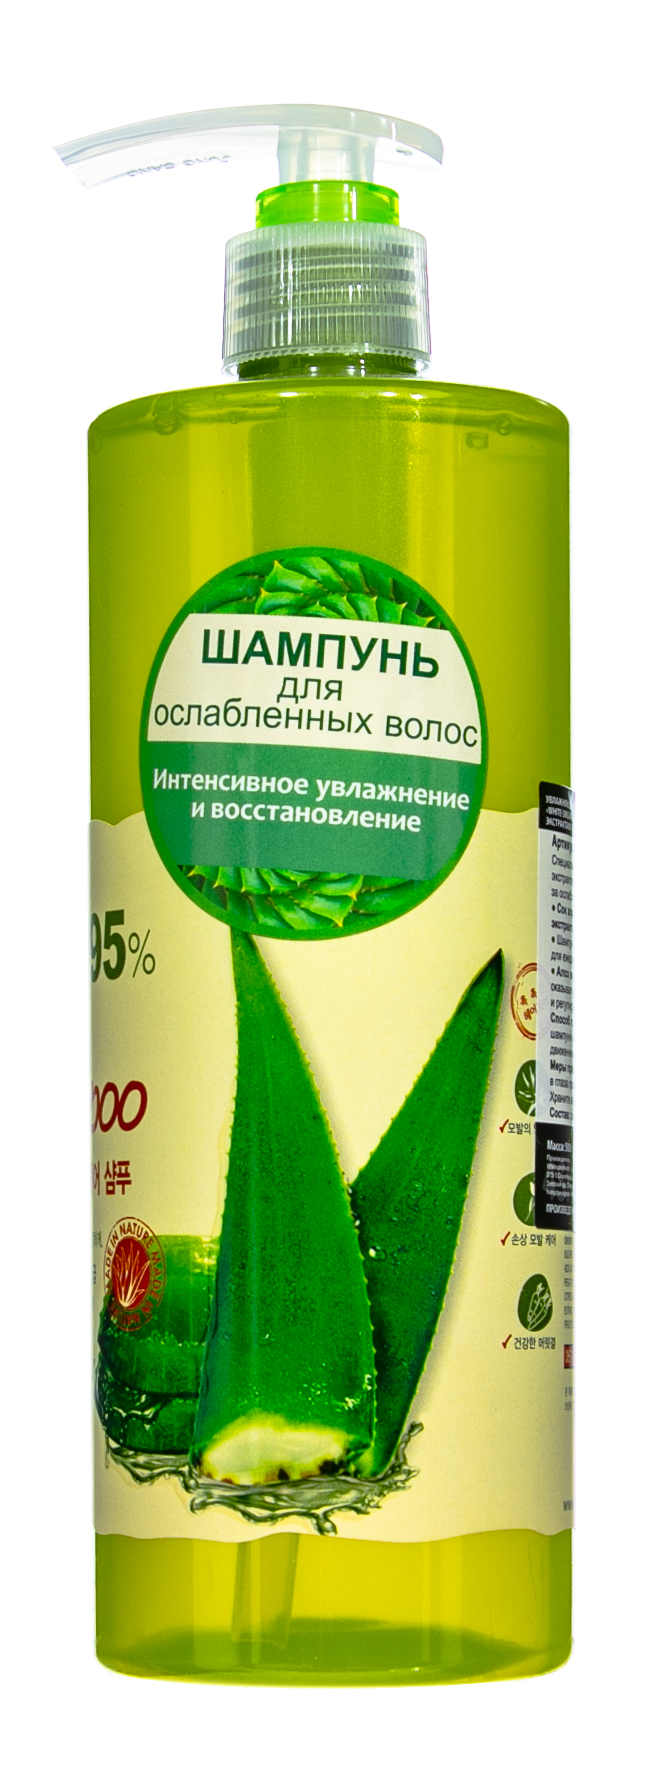 Купить White Organia Шампунь для ослабленных волос White Organia с соком алоэ, экстрактами моркови и тыквы, 500 мл (White Organia, )